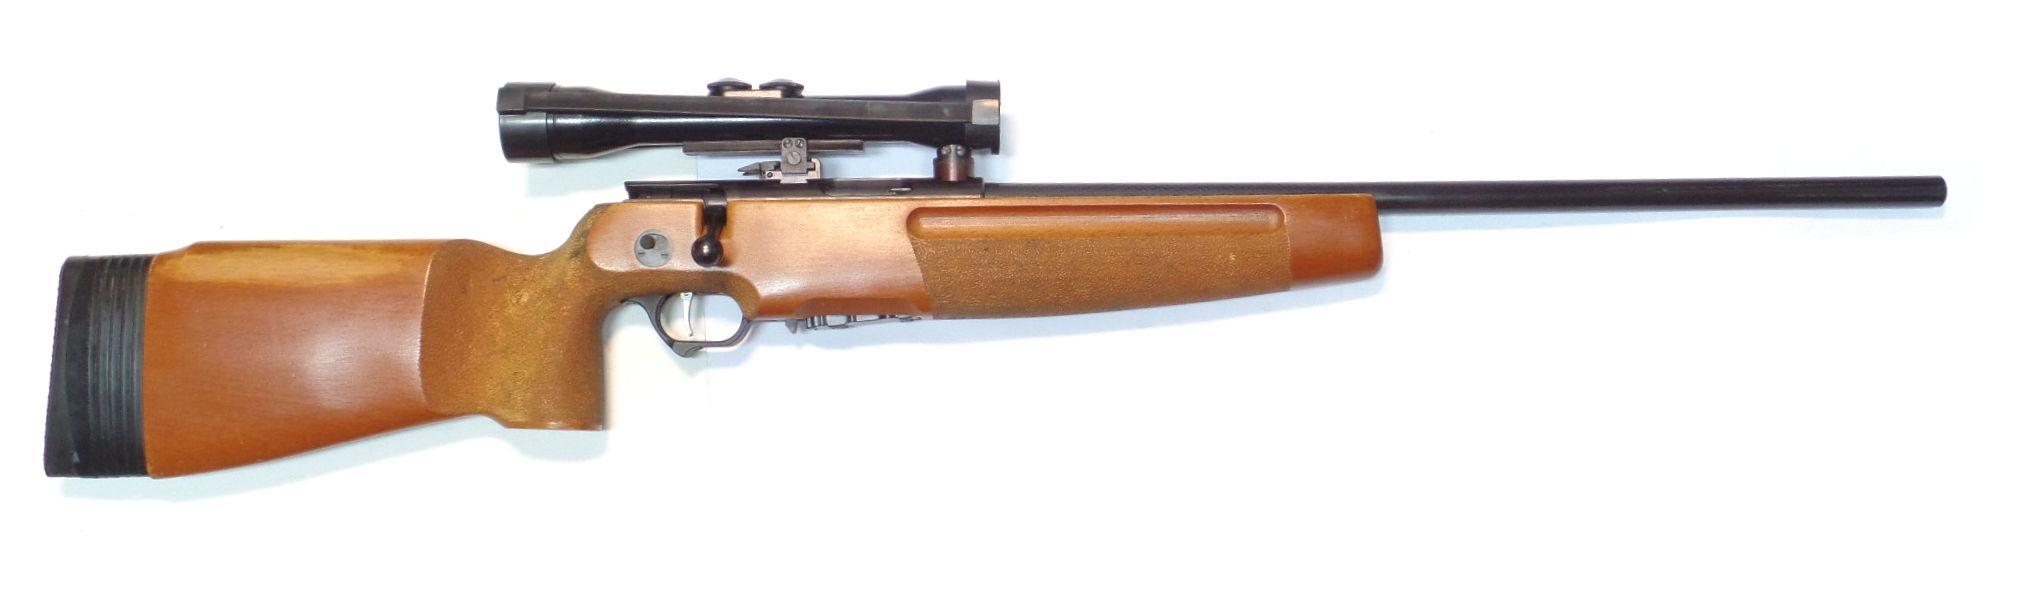 SSG 82 calibre 5.45x39